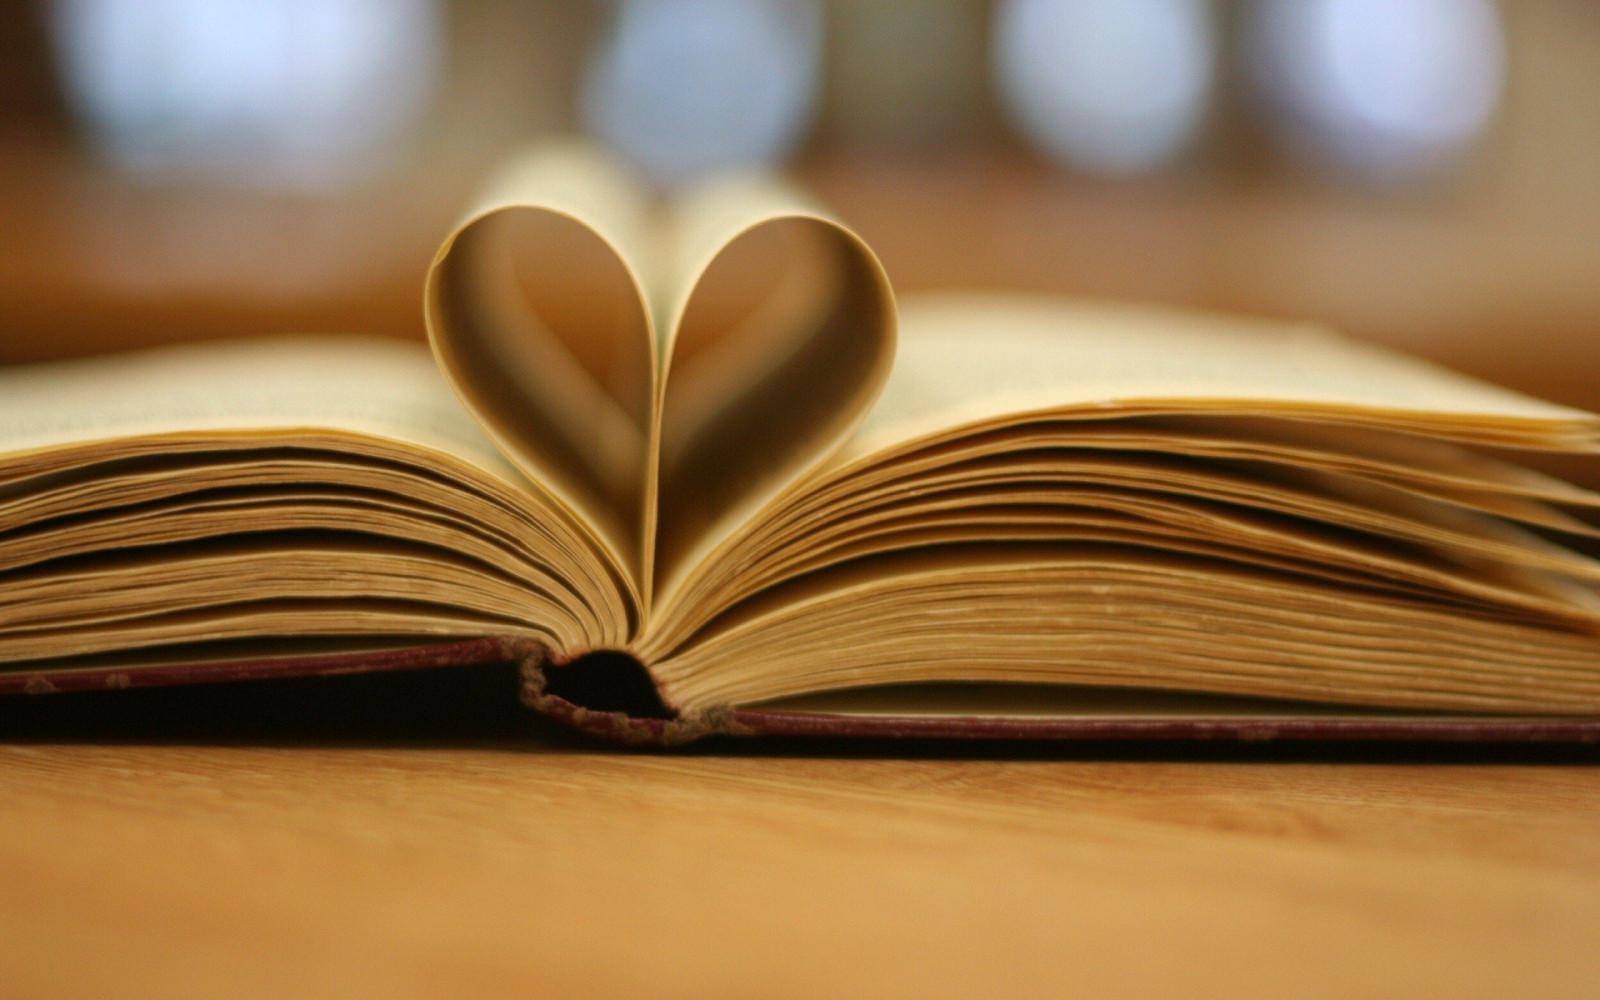 книги красивые фотографии группе